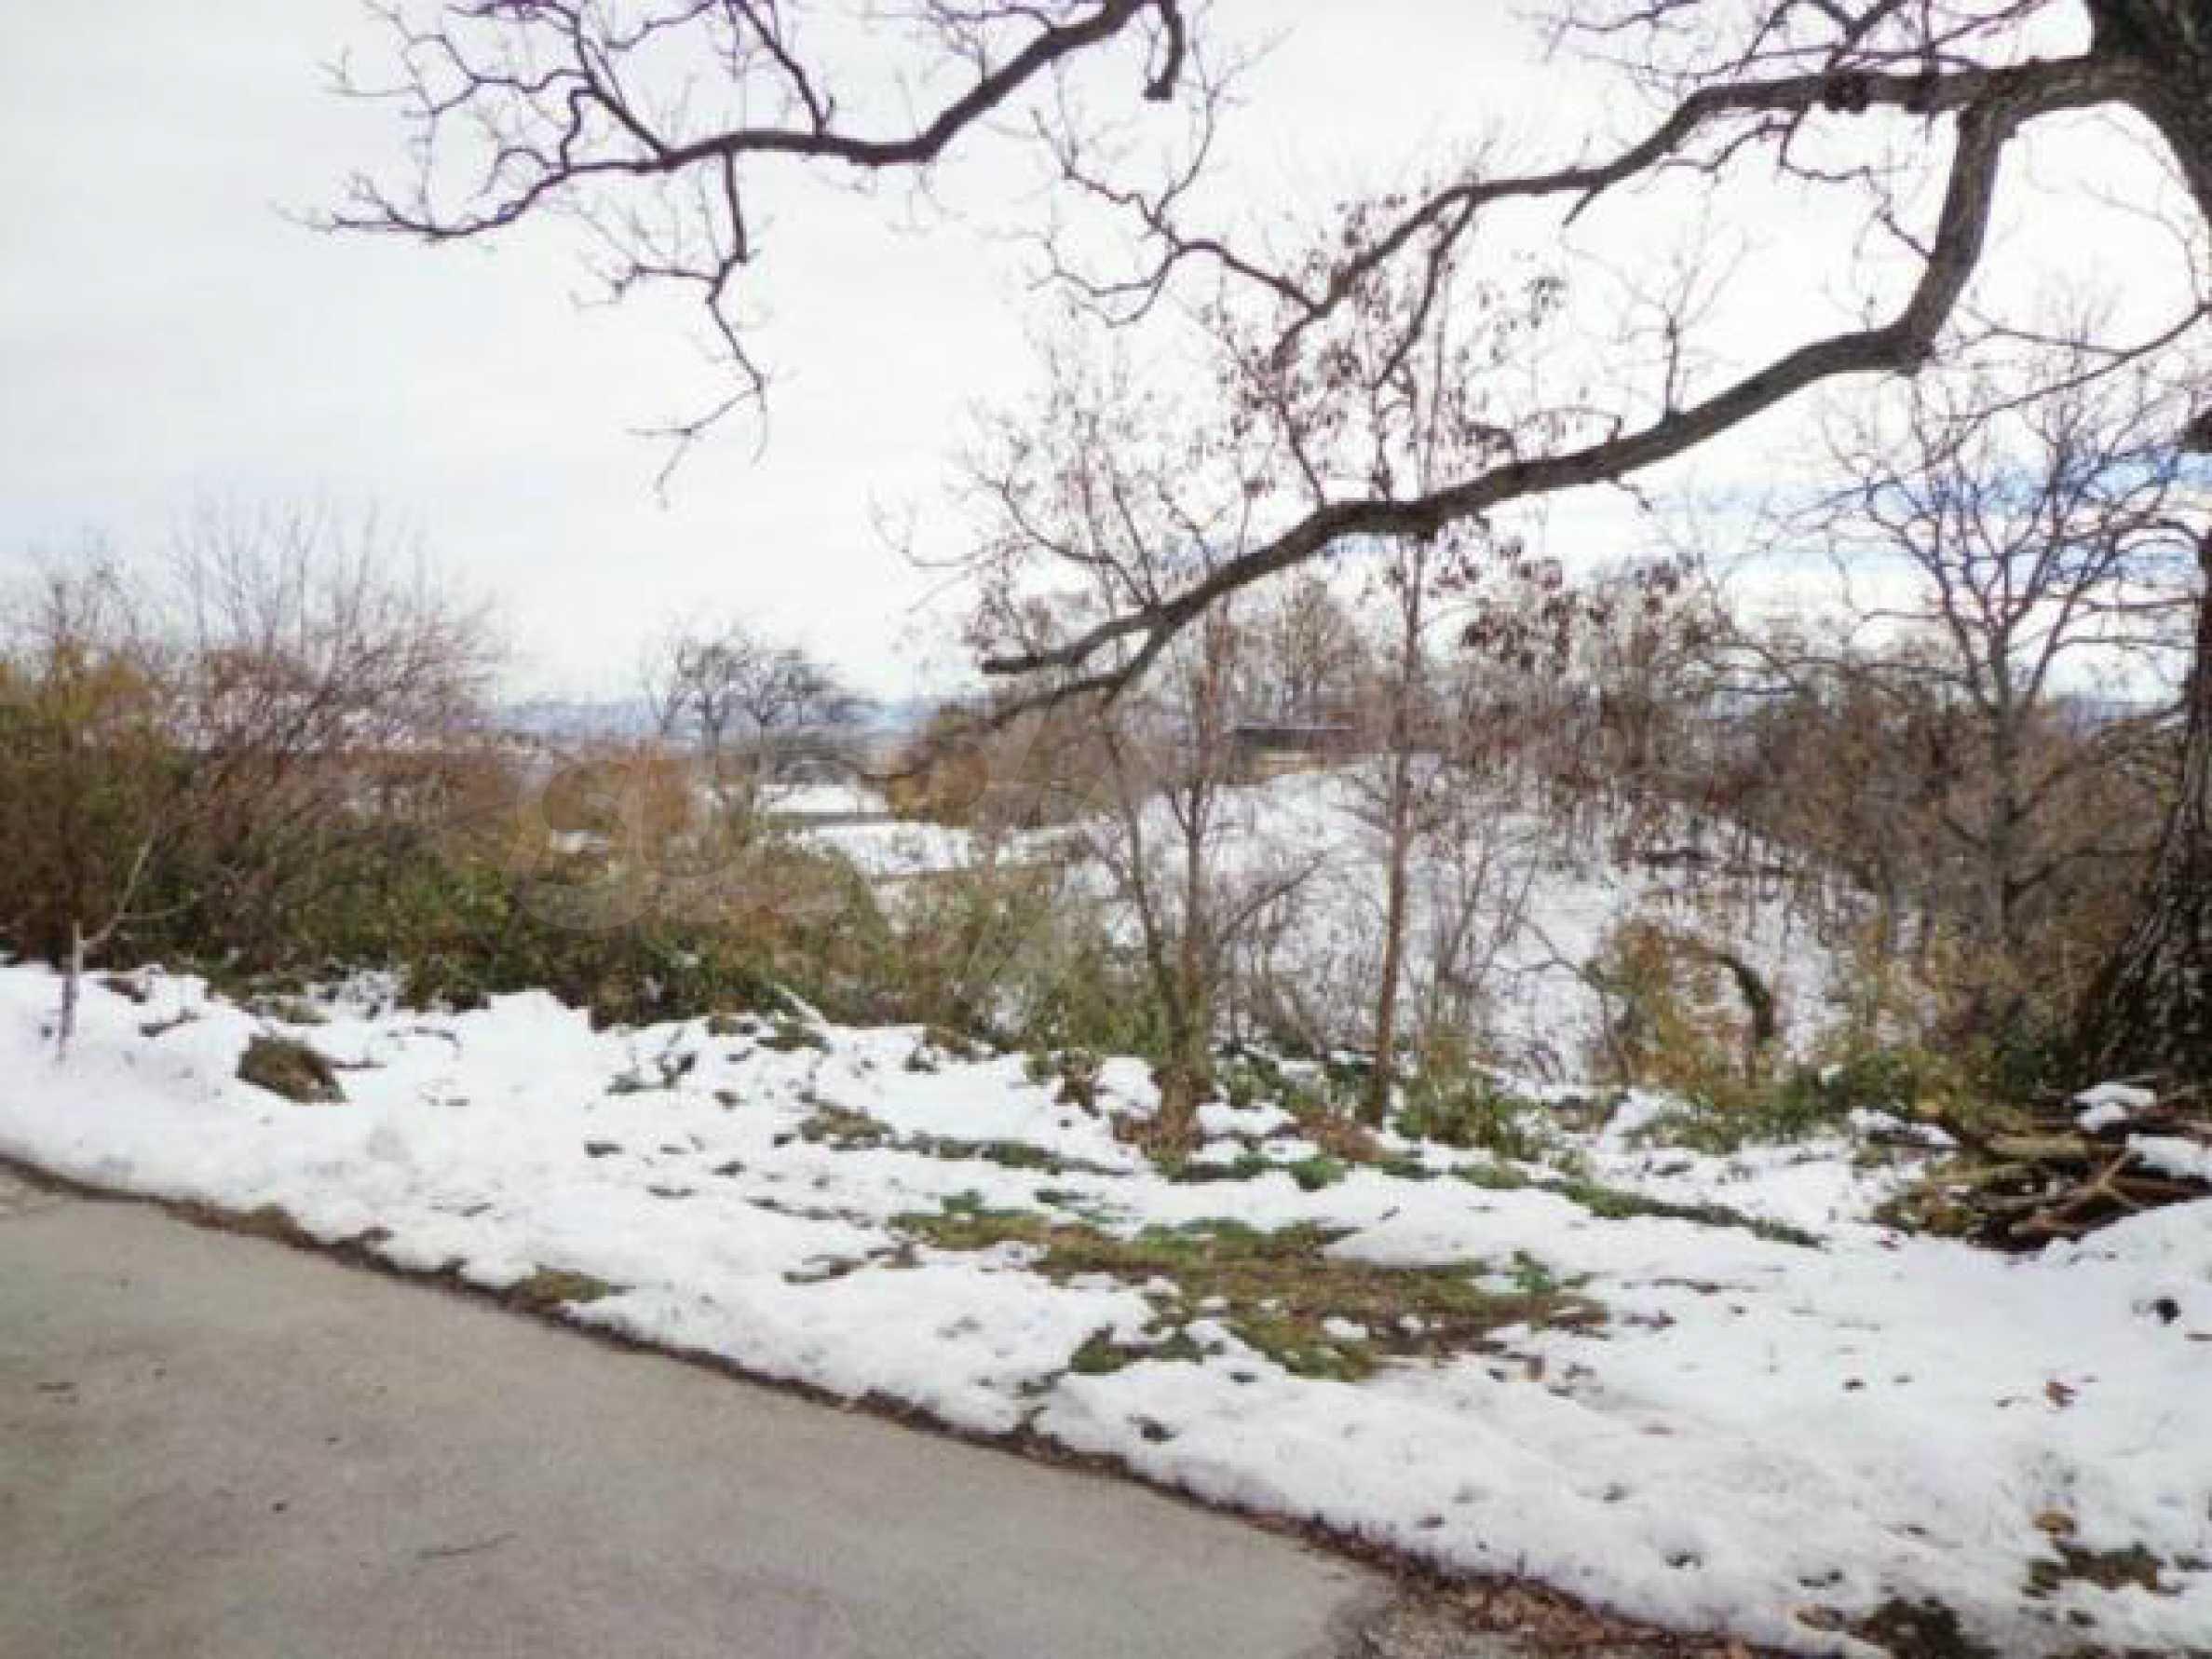 Grundstück zum Verkauf in einem Dorf 5 km von Tryavna entfernt 10